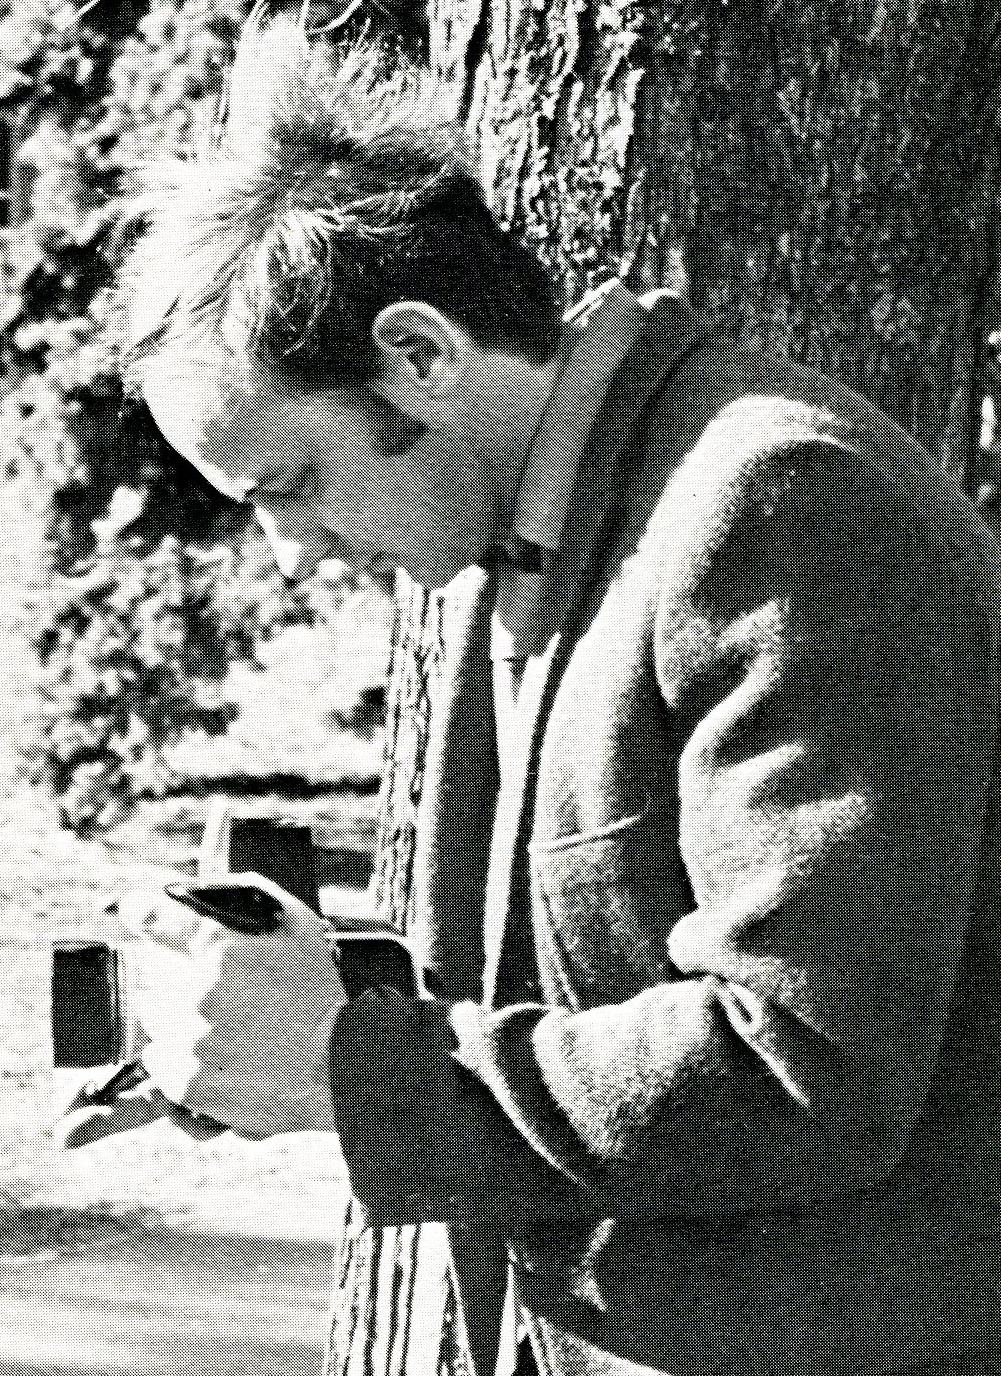 R. Berggens, 1973-1974